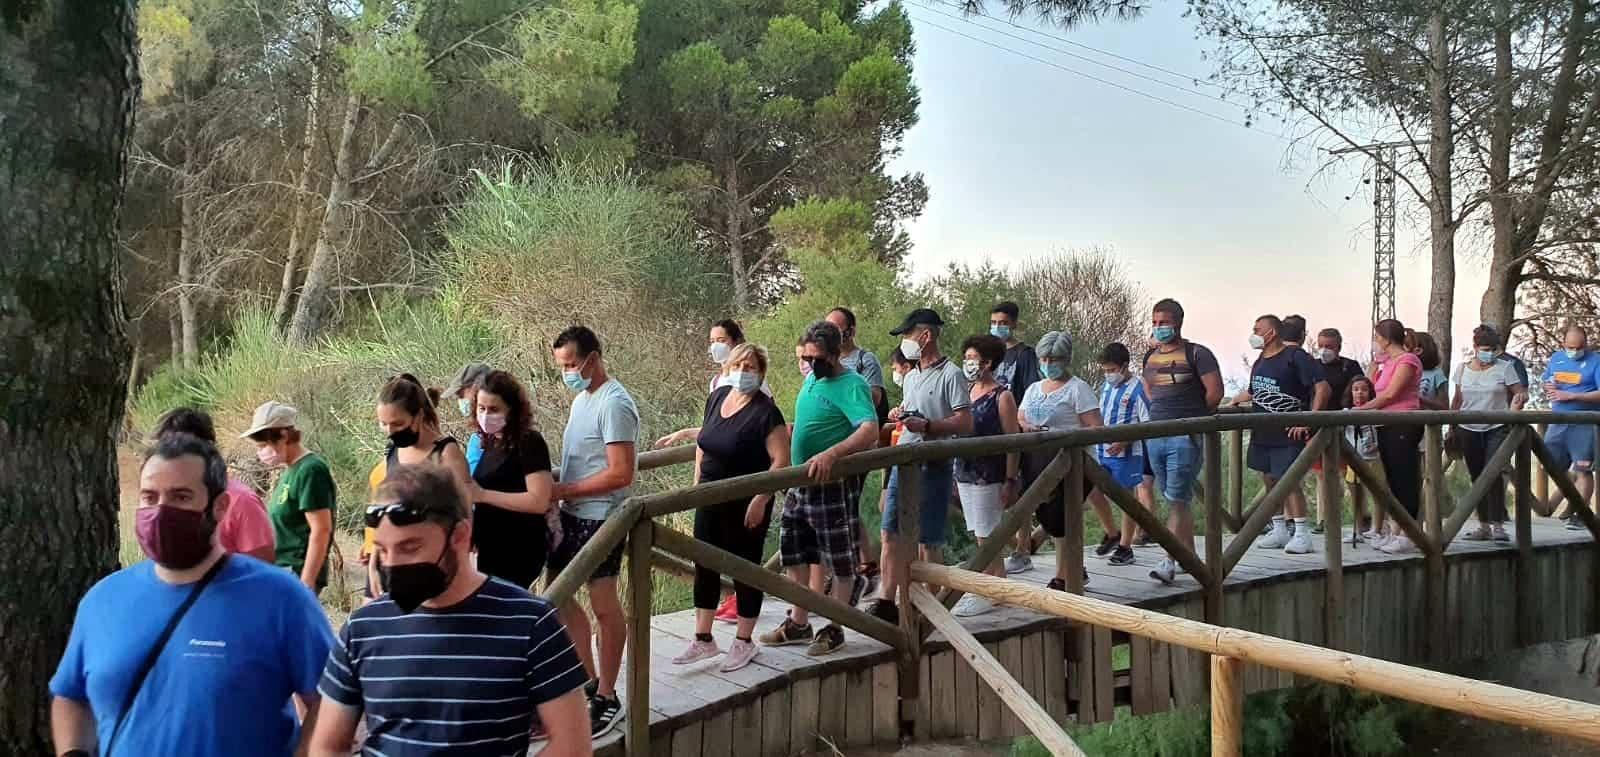 """Más de 90 personas disfrutaron de la ruta de senderismo """"Historias y secretos del río Cigüela"""" de Villarrubia de los Ojos 5"""